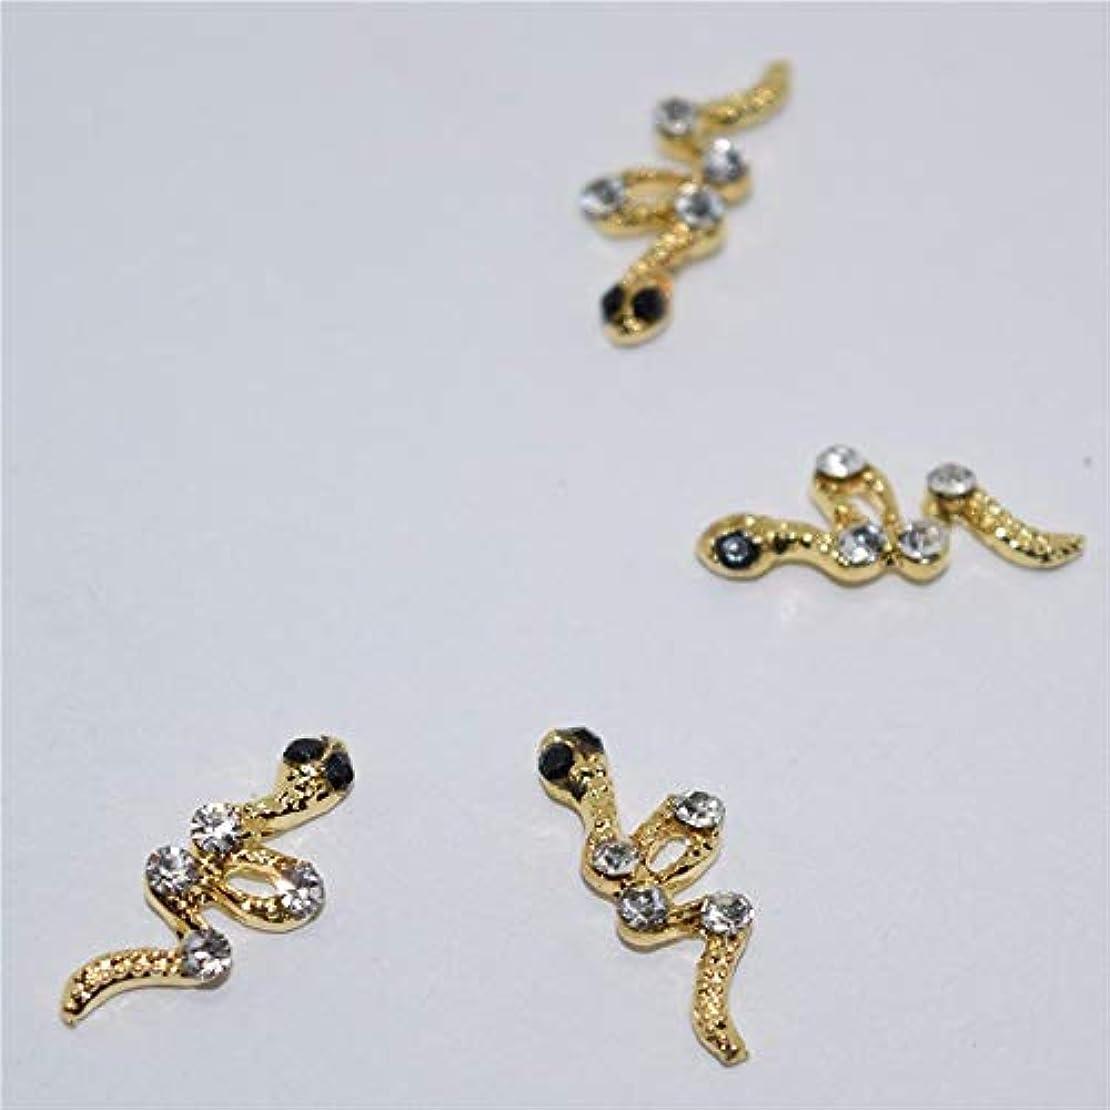 旋律的スリンク名義で10個入りゴールデンスネーク動物の3Dネイルアートの装飾合金ネイルチャームネイルズラインストーンネイル用品